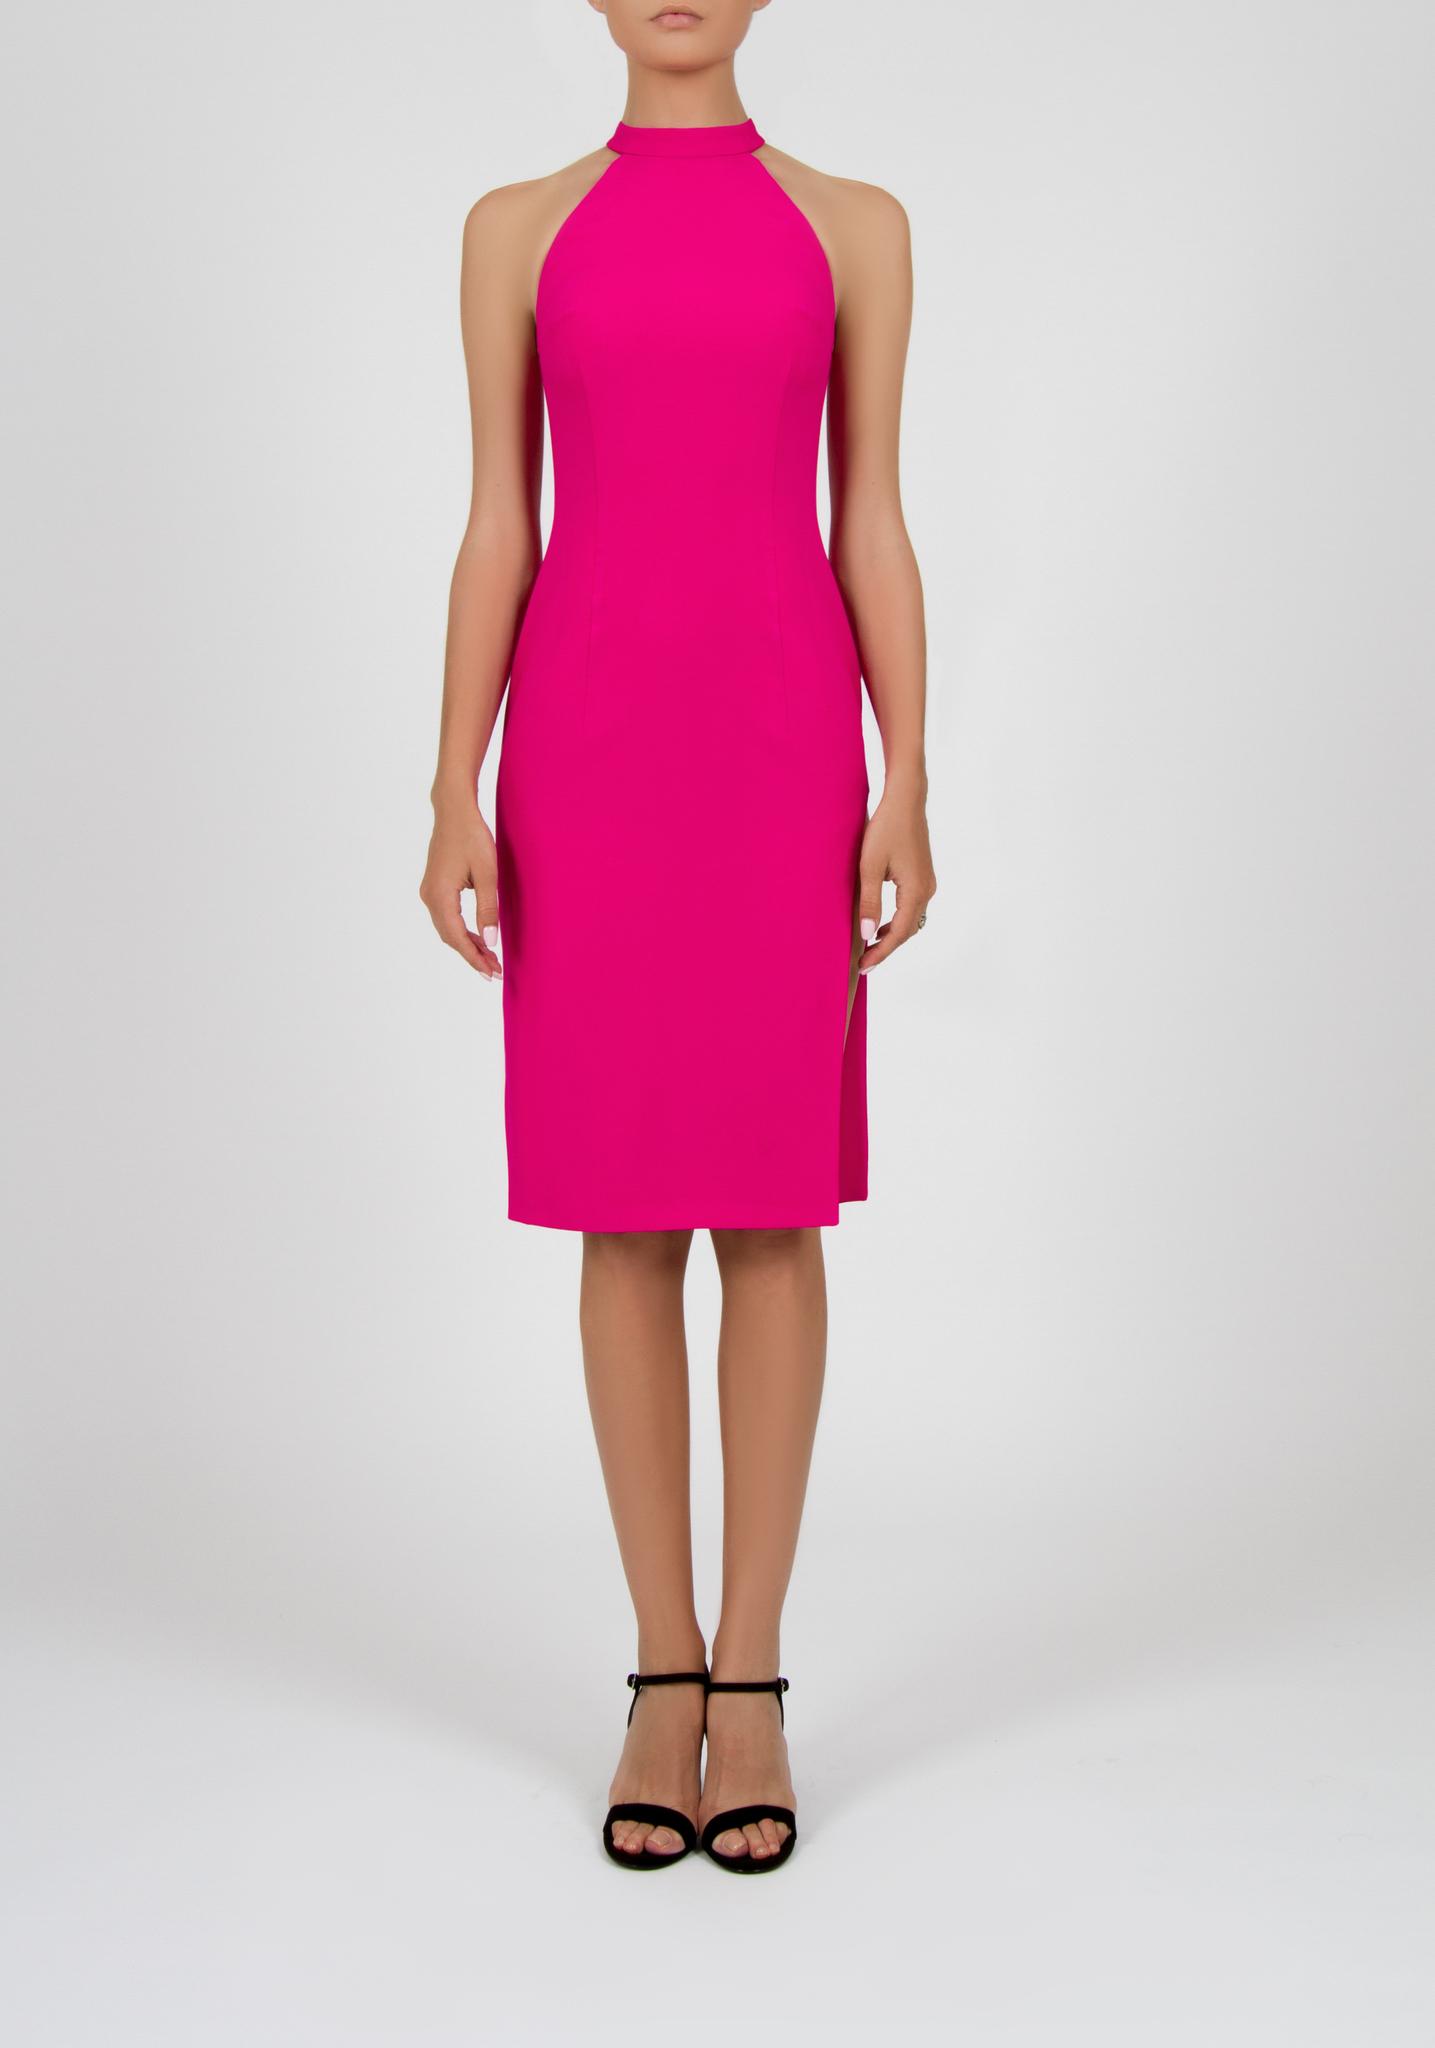 Платье-футляр цвета  фуксии с боковым разрезом